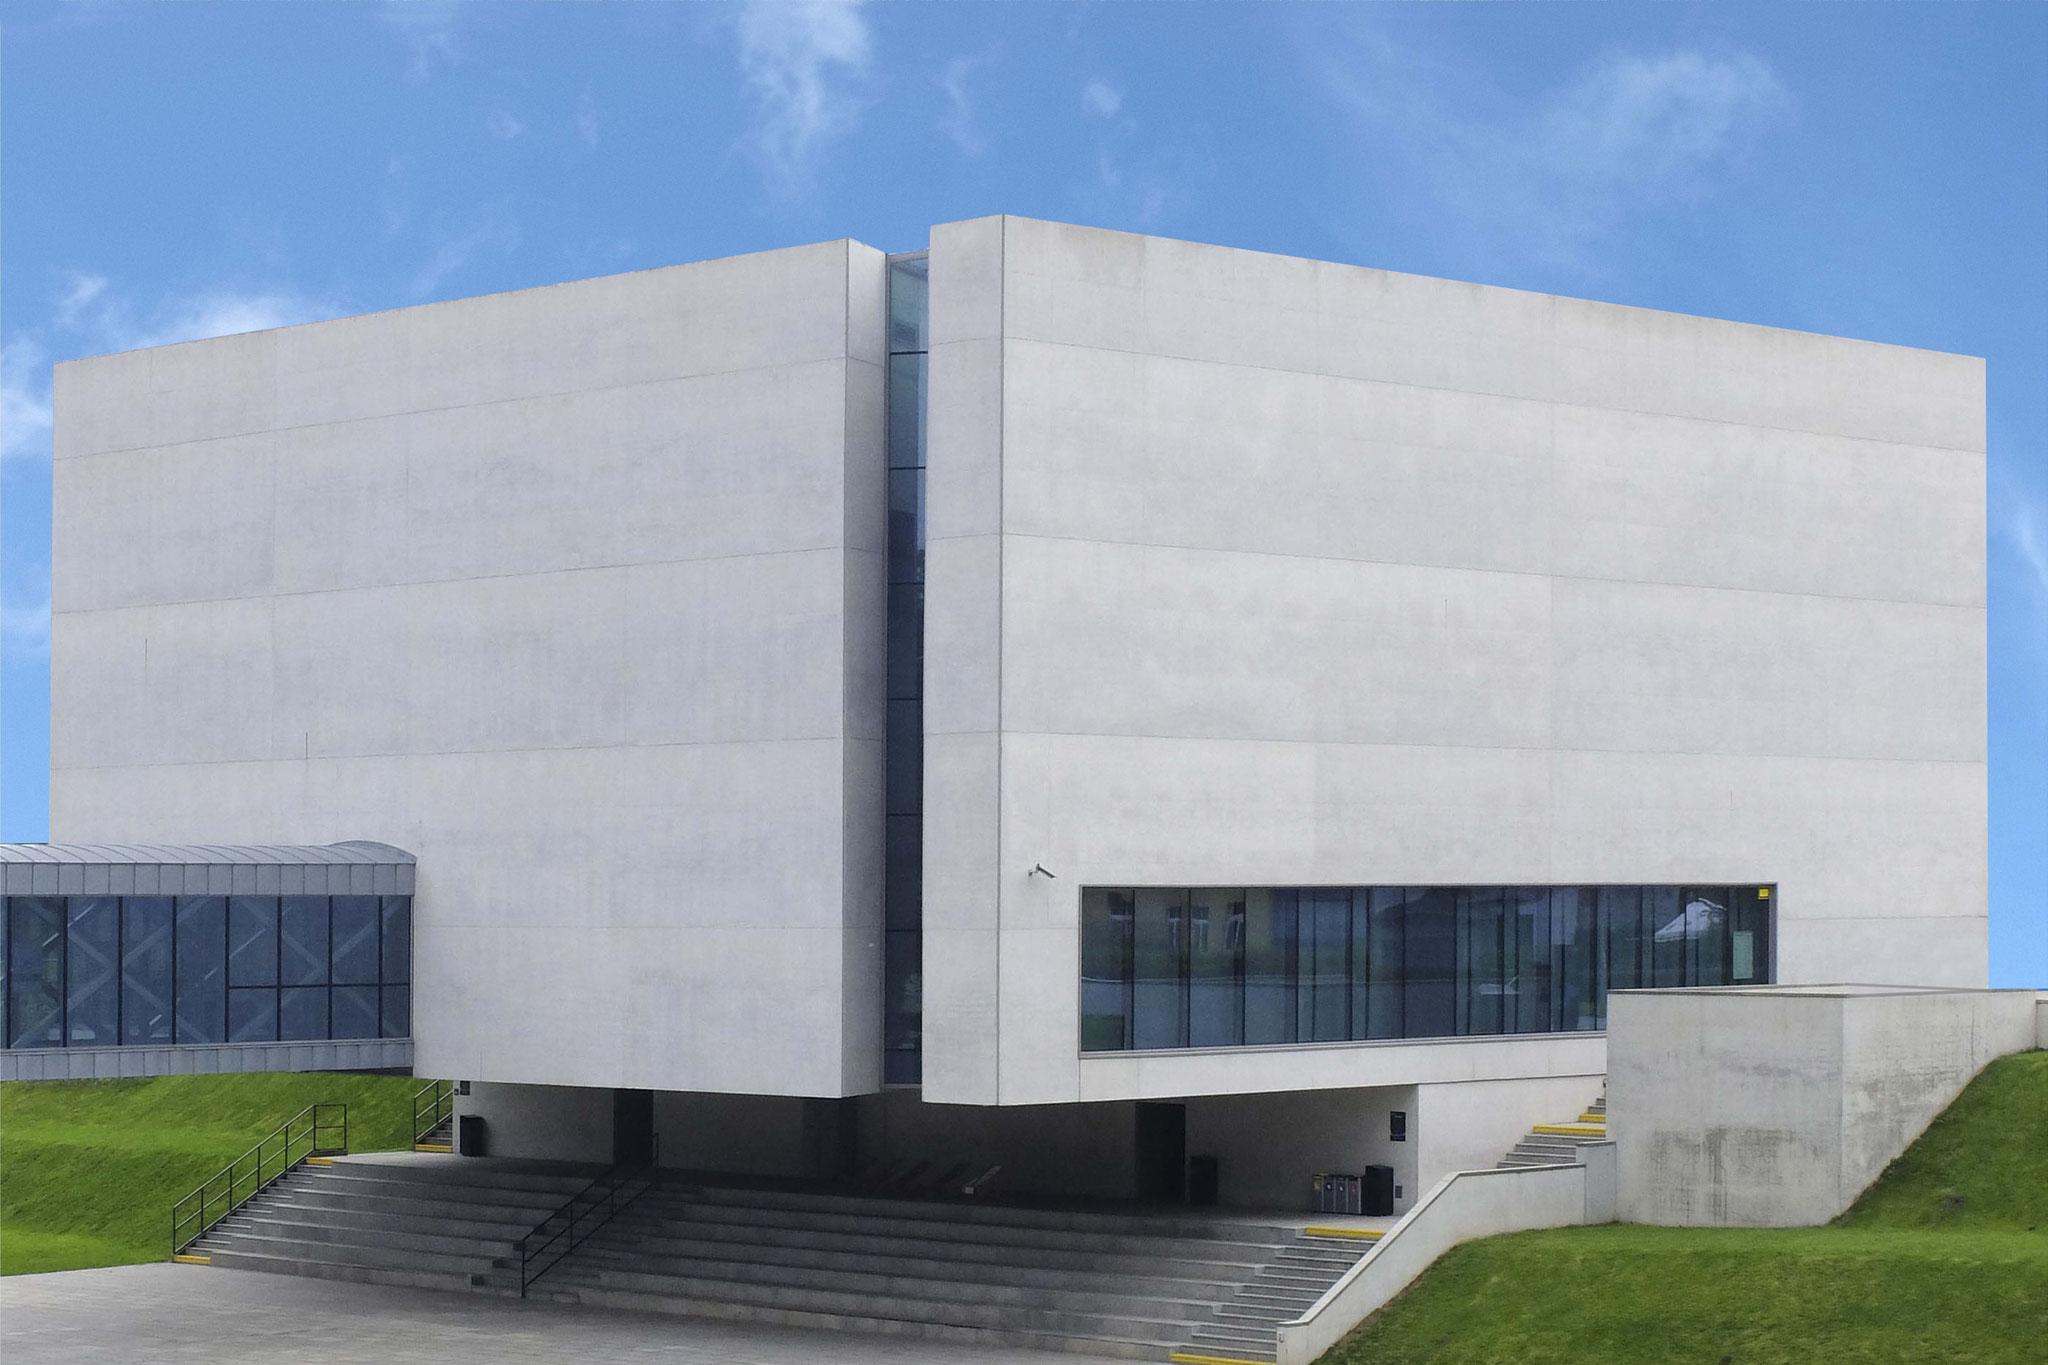 Franck BOURDAJAUD - Bibliothèque de Poznan (Pologne)